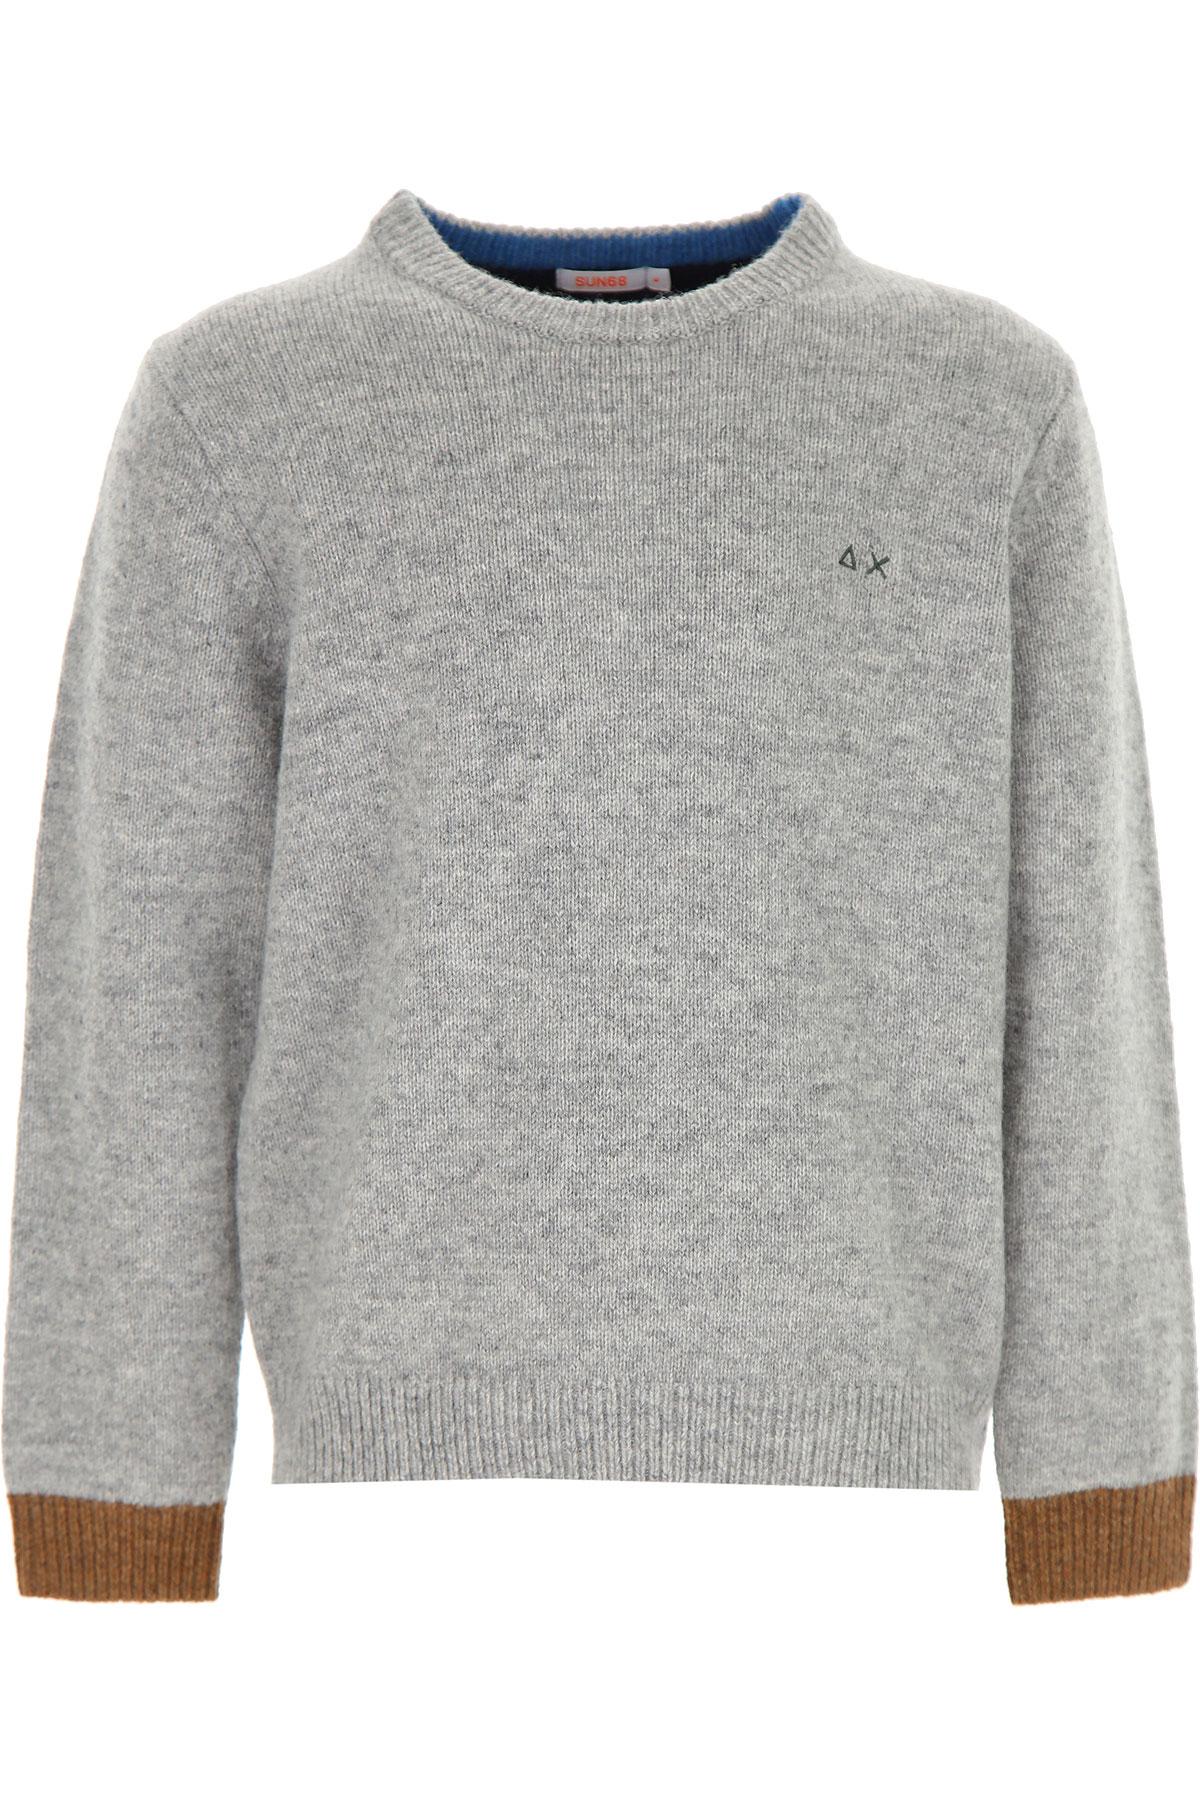 Sun68 Kids Sweaters for Boys On Sale, Grey, Wool, 2019, 10Y 12Y 4Y 6Y